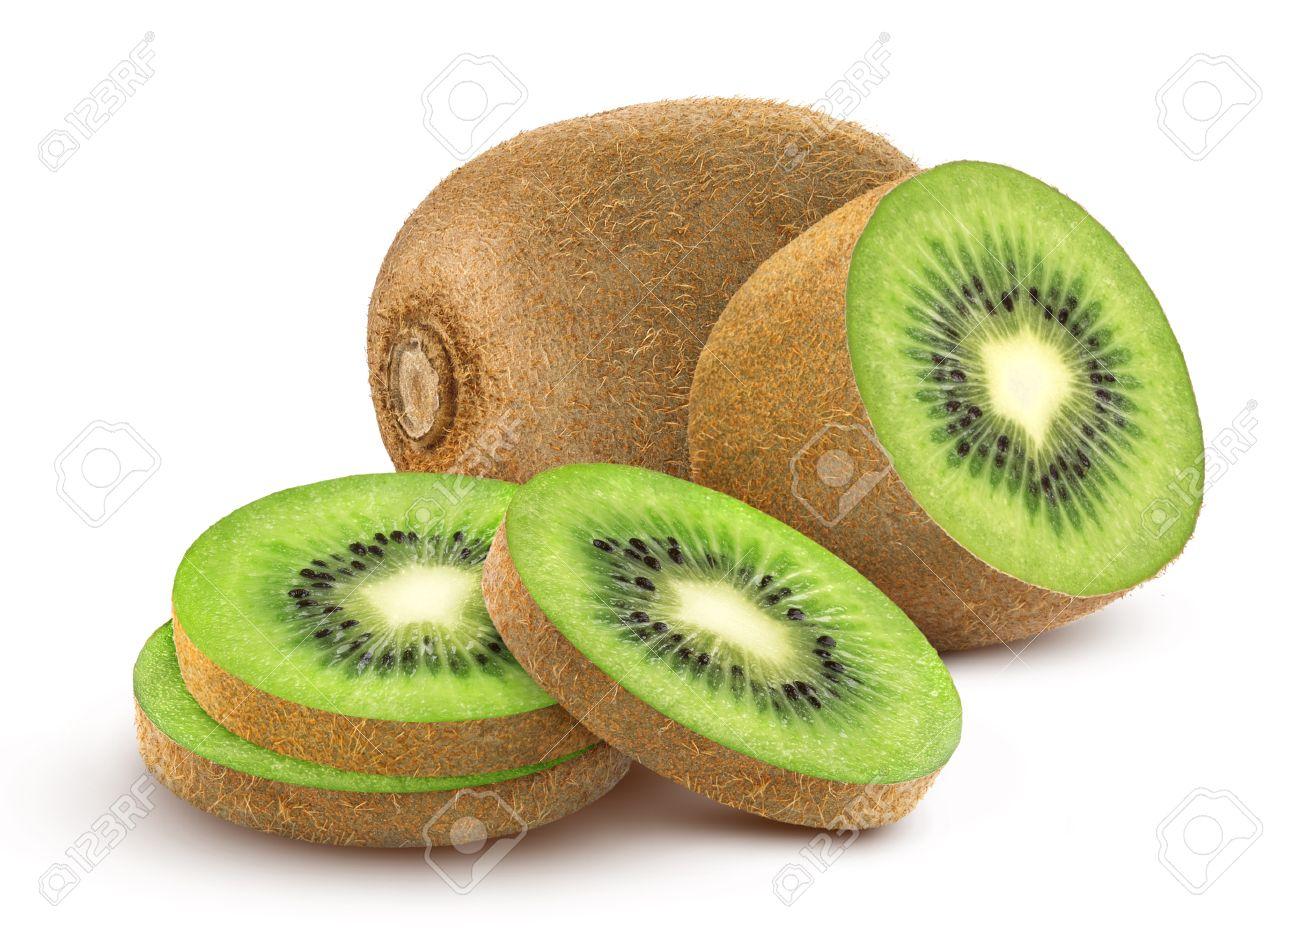 Foto de archivo - Fruta aislada del kiwi. Colección de kiwi entero y cortado  aislado en un fondo blanco con el camino de recortes. 7902b7e3d449